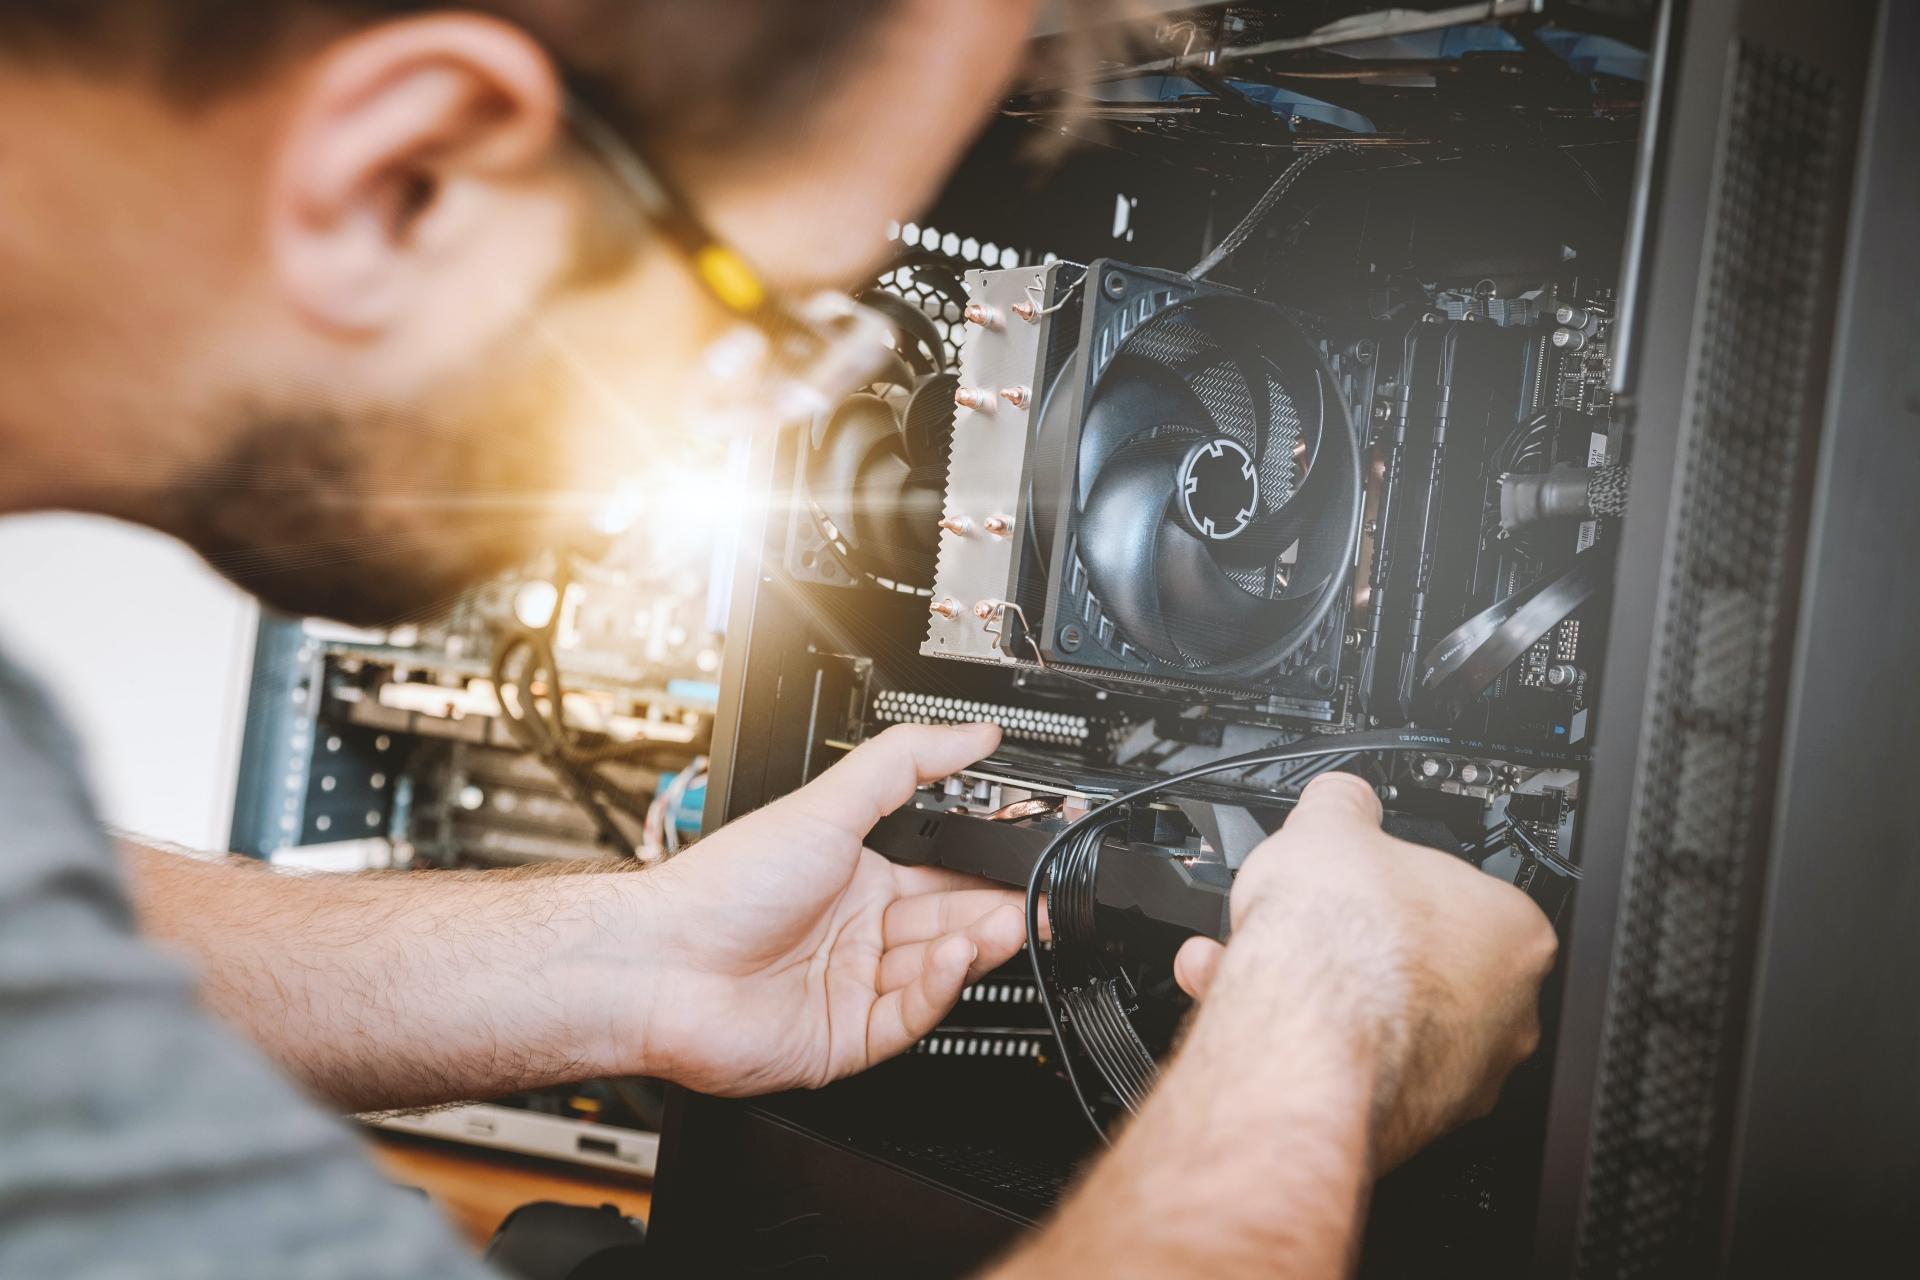 Enterprises embrace digitalisation to survive COVID-19 storm